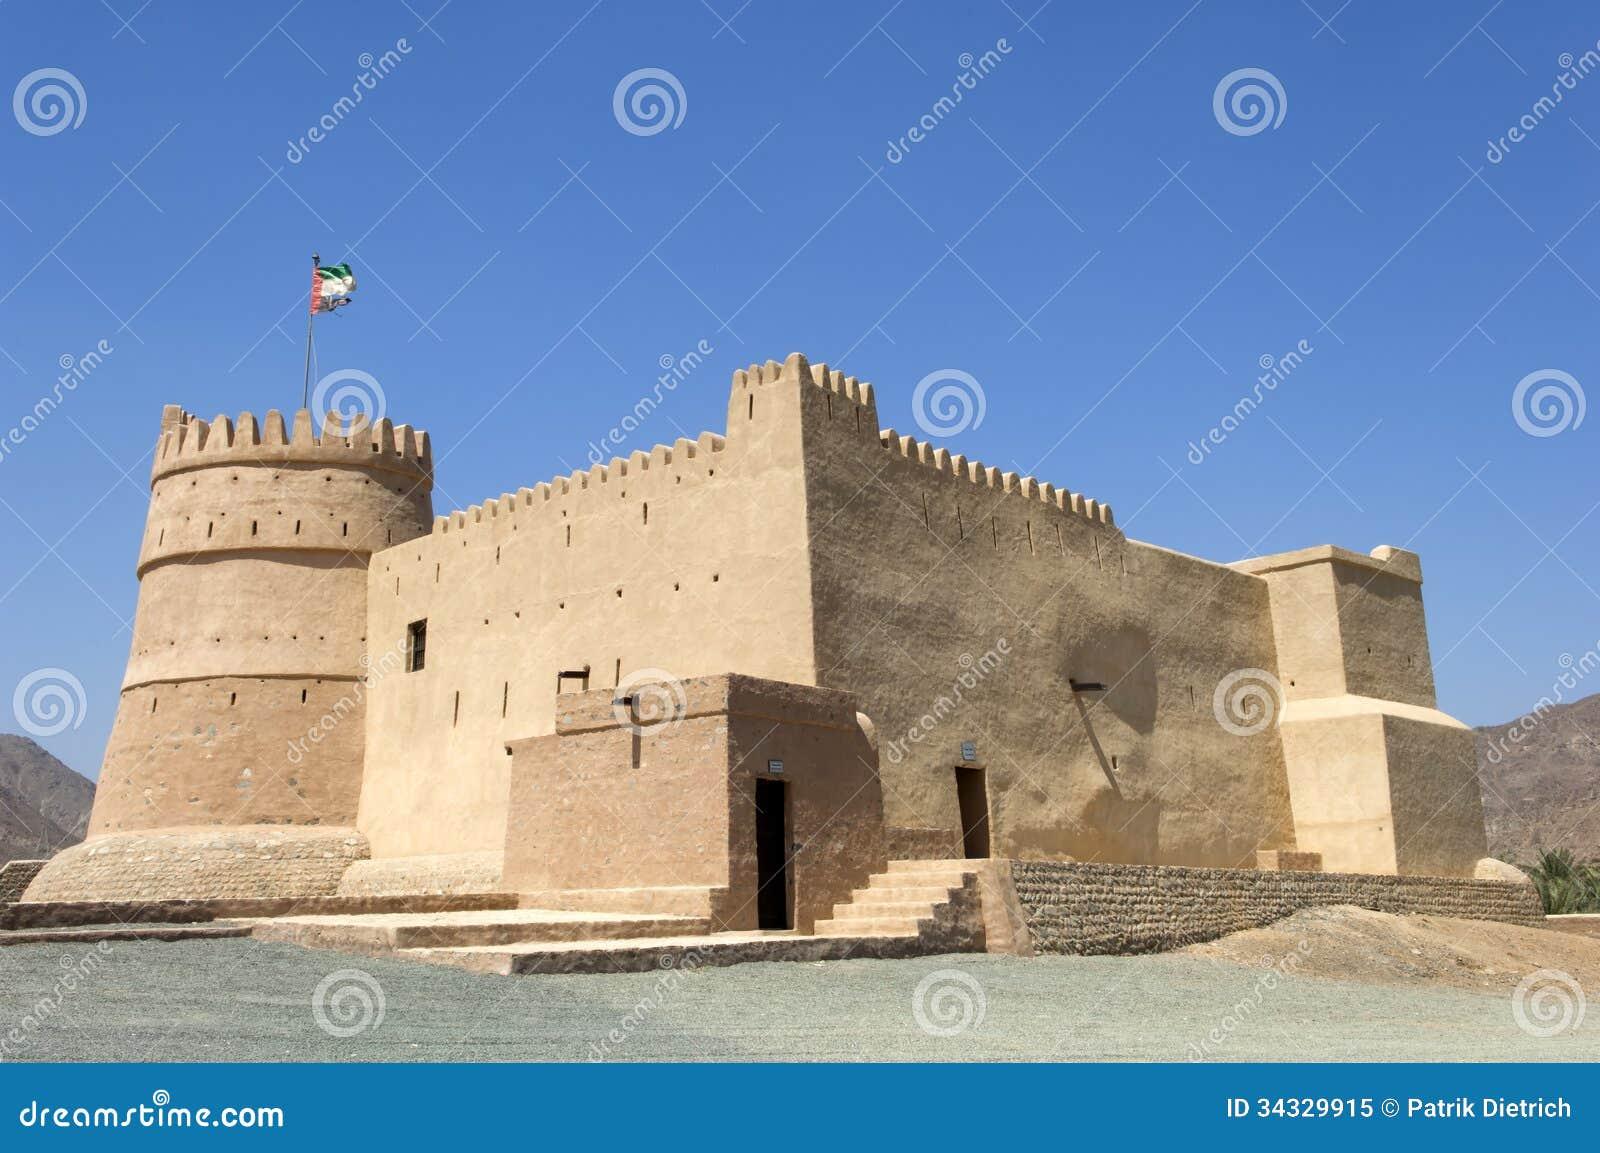 Ras Al Khaimah United Arab Emirates  city photos gallery : Bithnah Fort in Ras al Khaimah, United Arab Emirates.